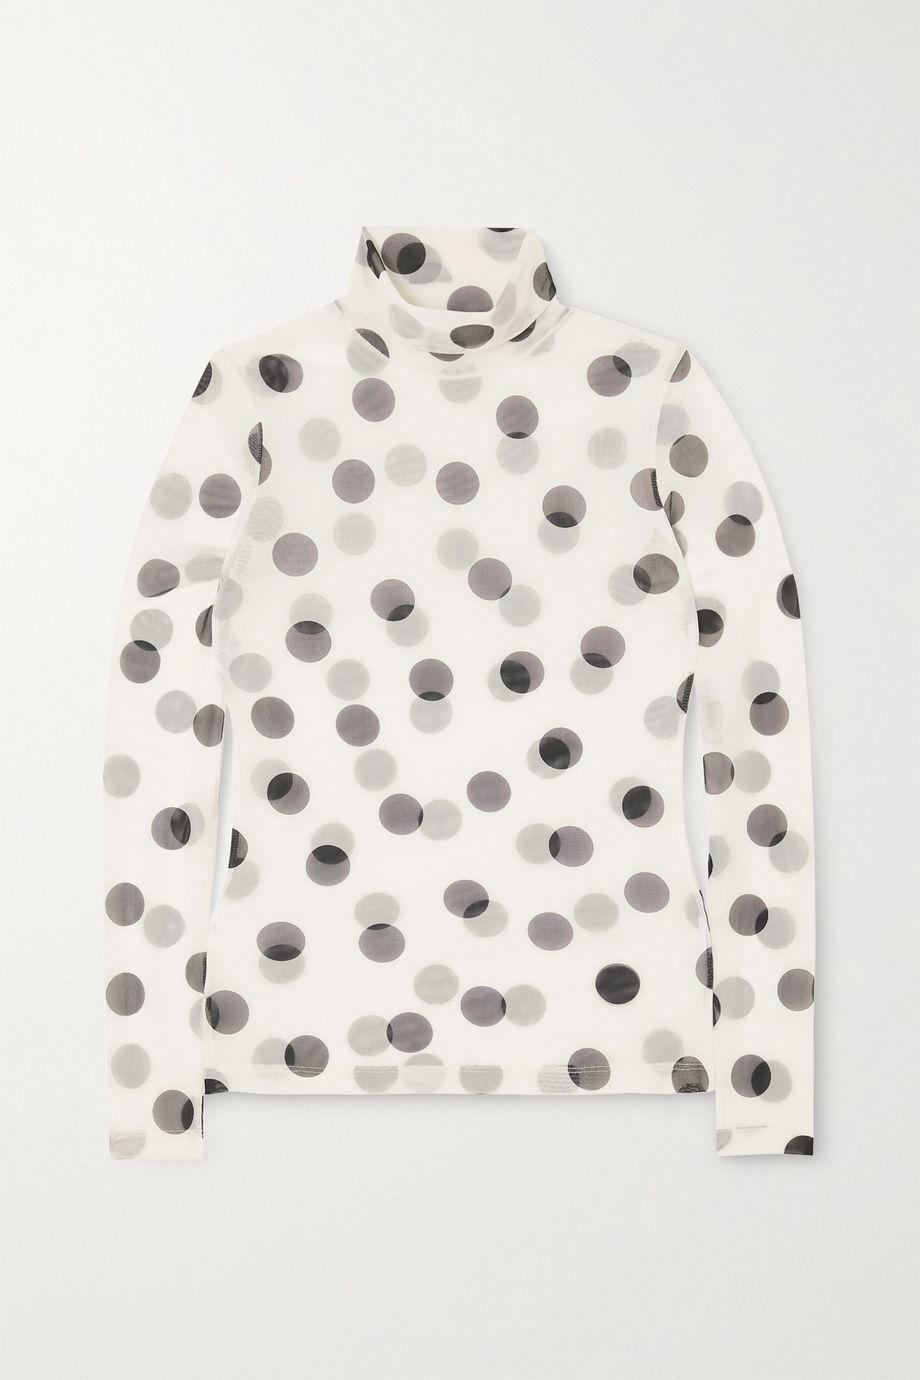 Dries Van Noten Polka-dot stretch-mesh turtleneck top